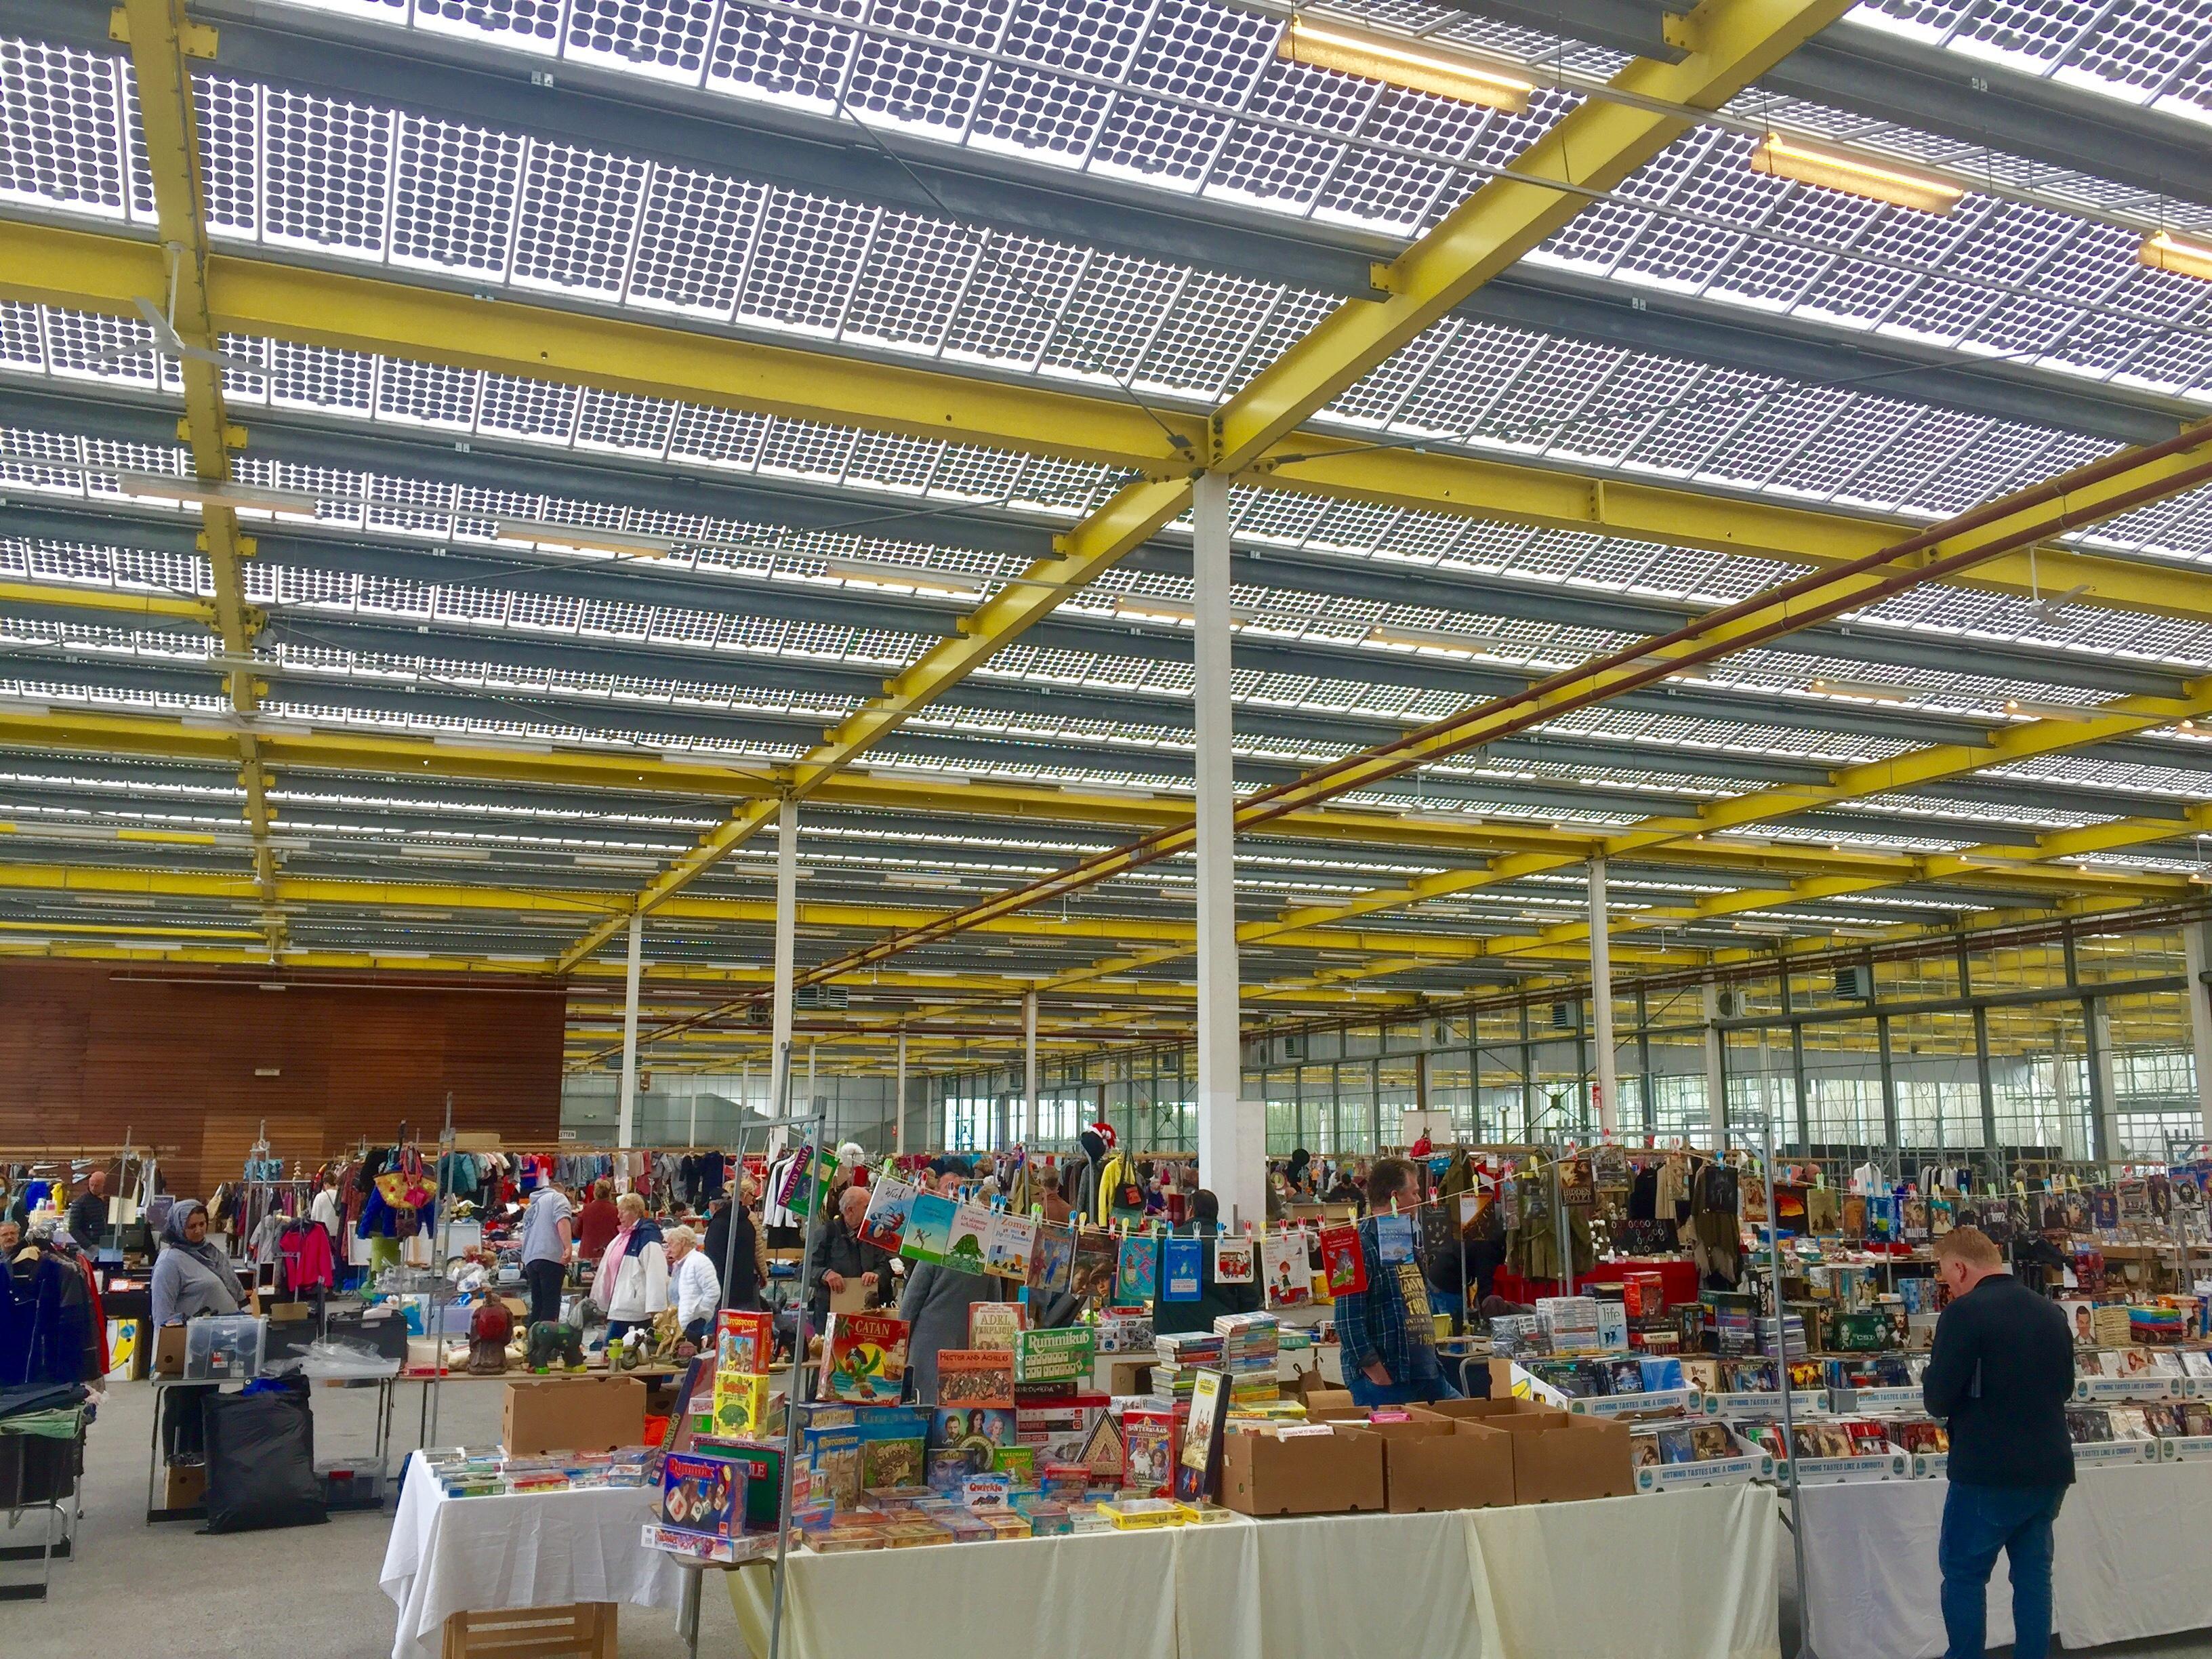 Megavlooienmarkt in Expo Haarlemmermeer toegestaan in coronatijd, evenement met honderden bezoekers tegelijk is 'doorstroomactiviteit' (update)